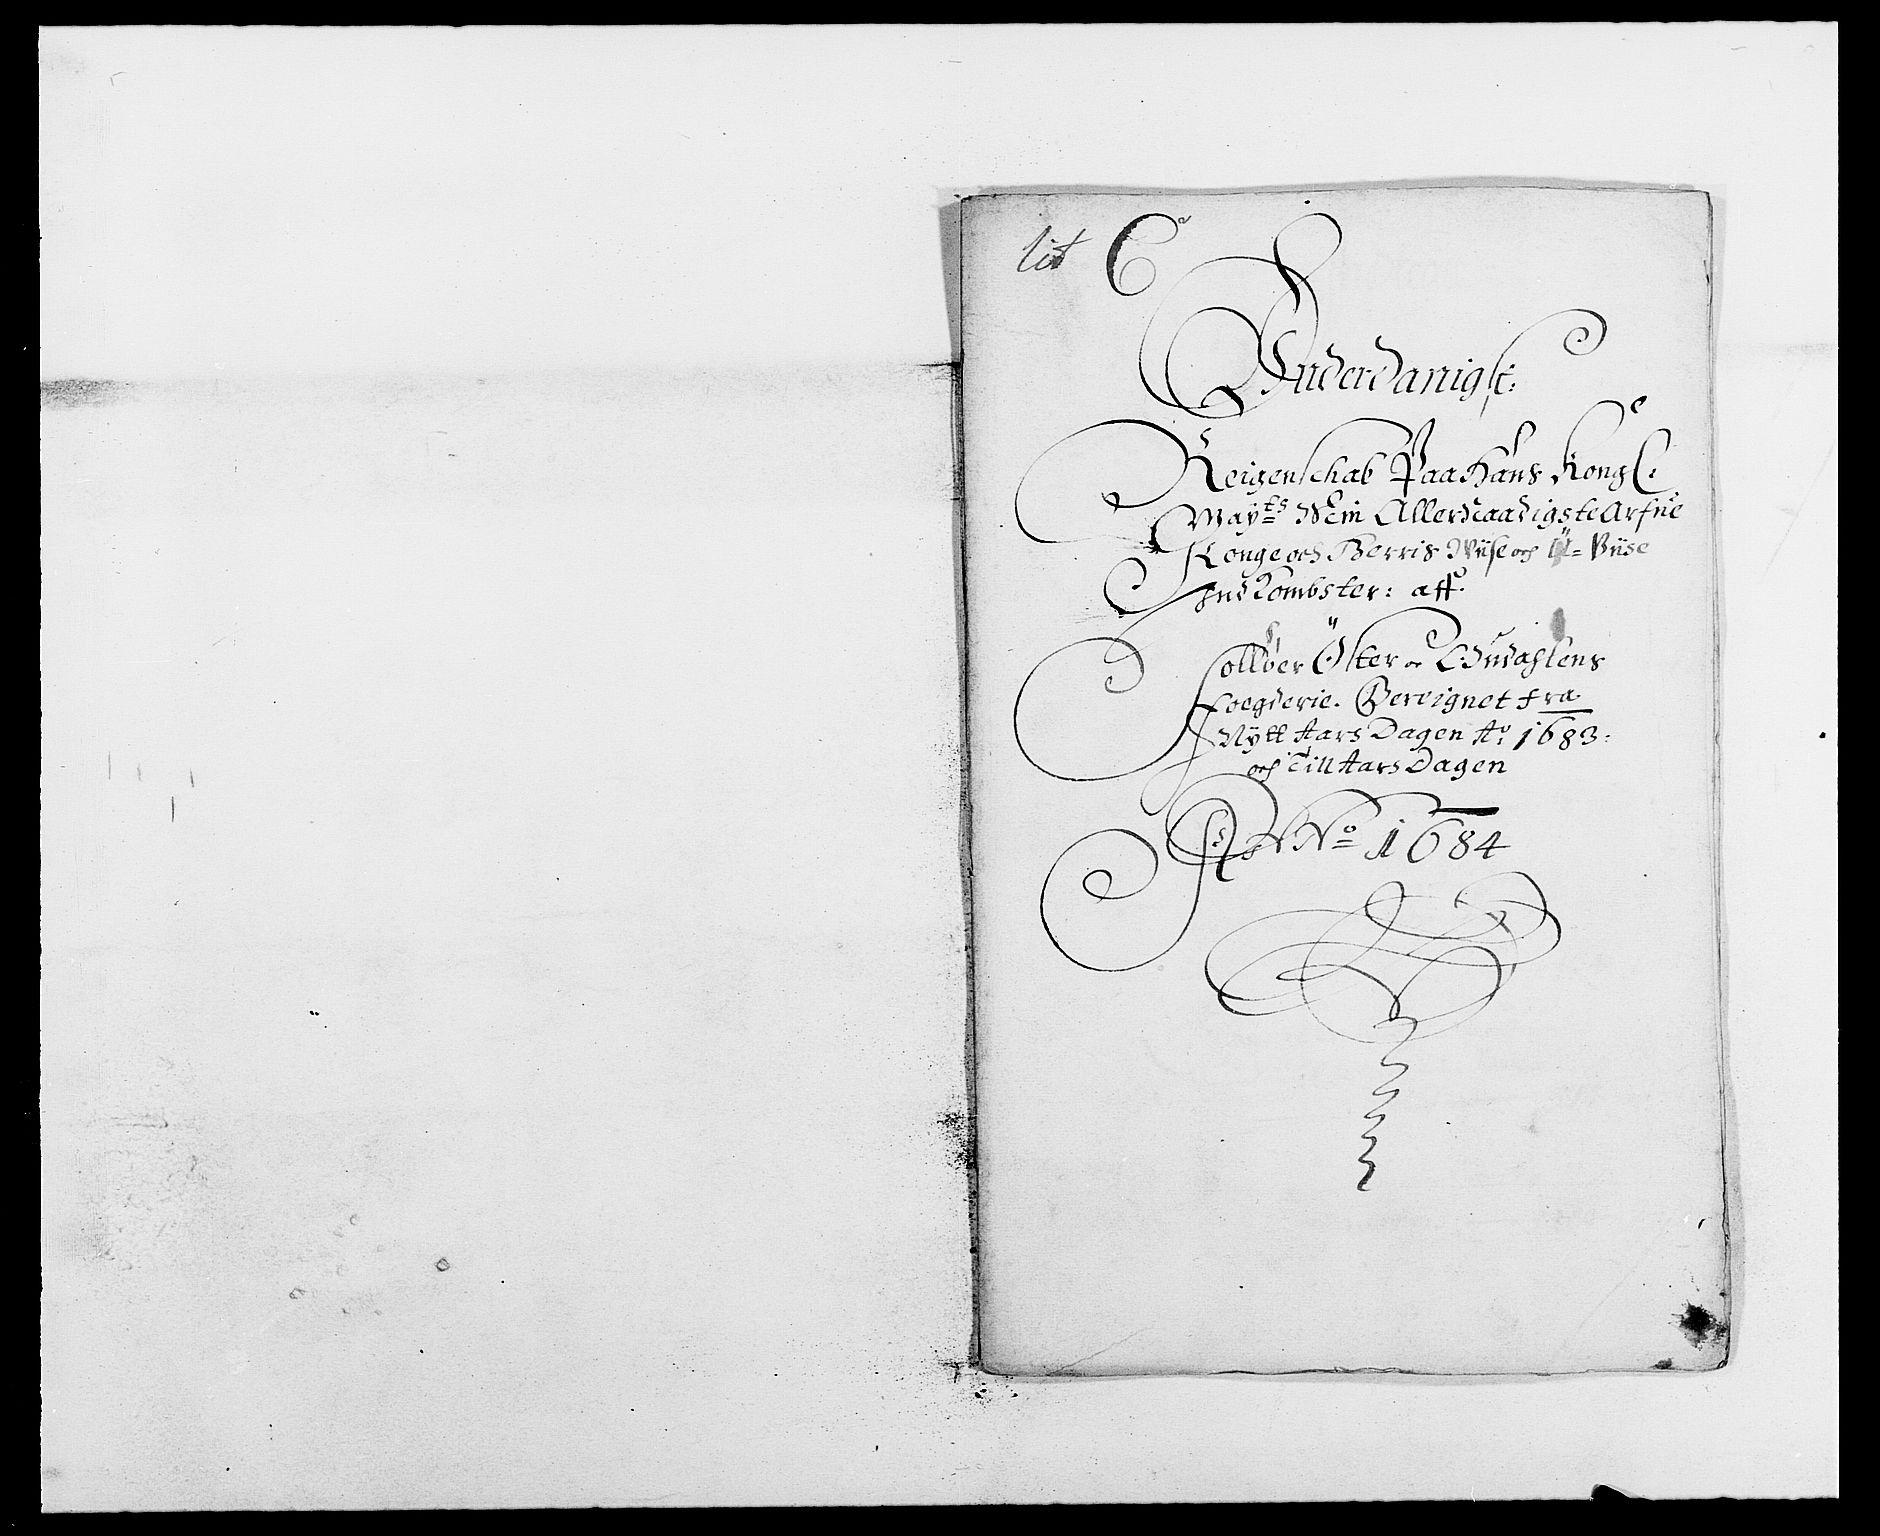 RA, Rentekammeret inntil 1814, Reviderte regnskaper, Fogderegnskap, R13/L0820: Fogderegnskap Solør, Odal og Østerdal, 1683, s. 2